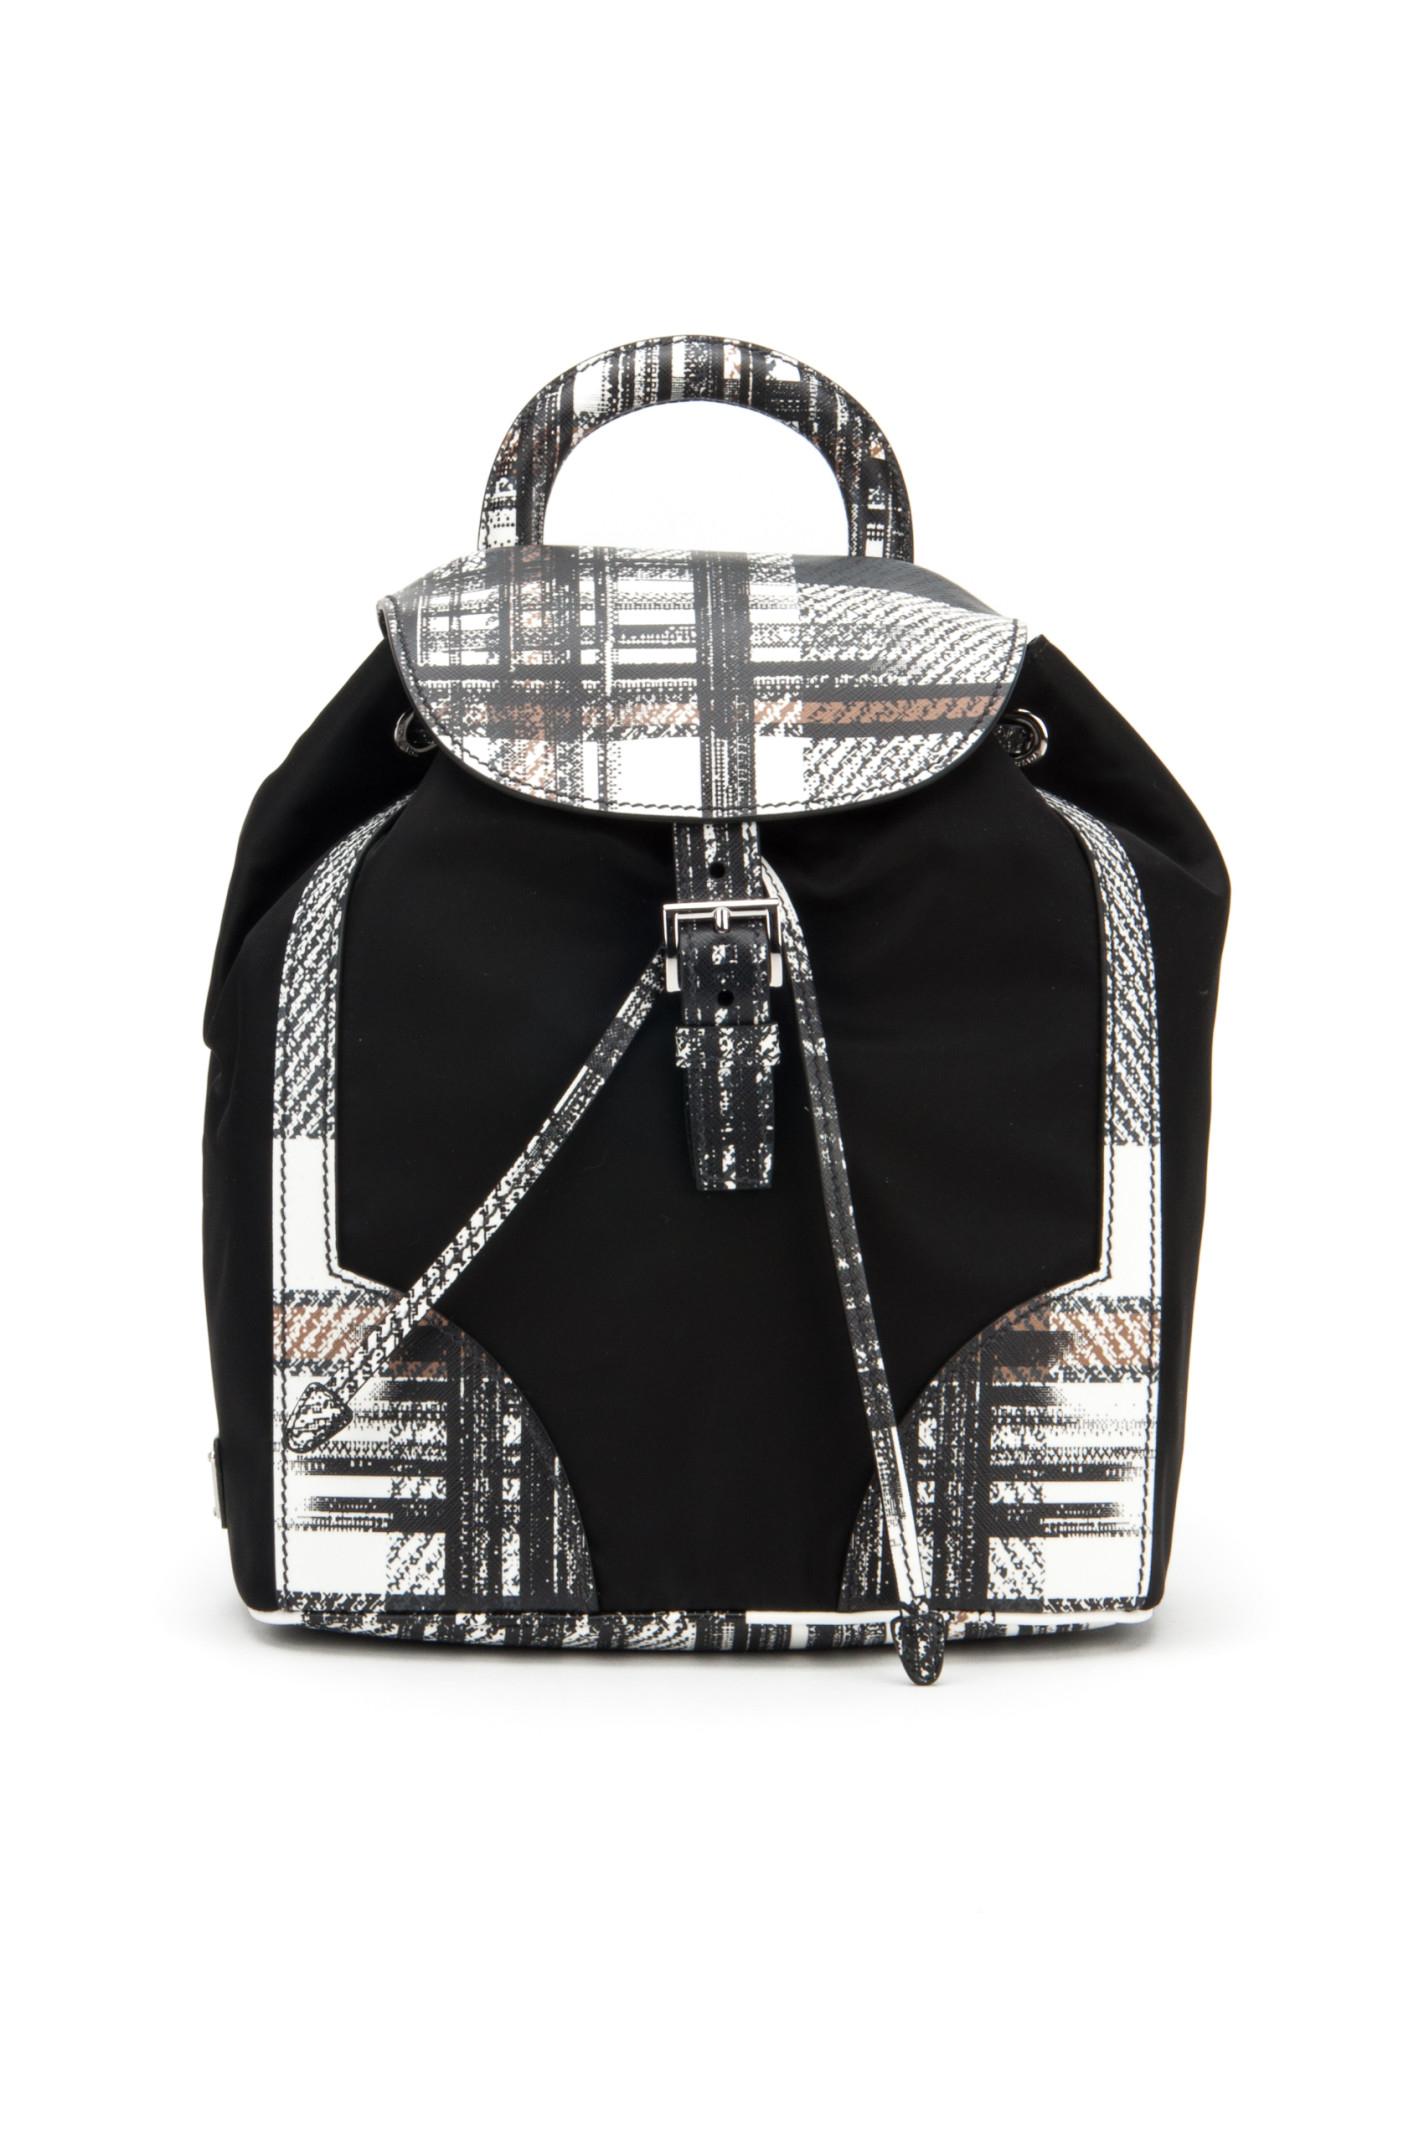 prada brand bags - prada backpack chalk white